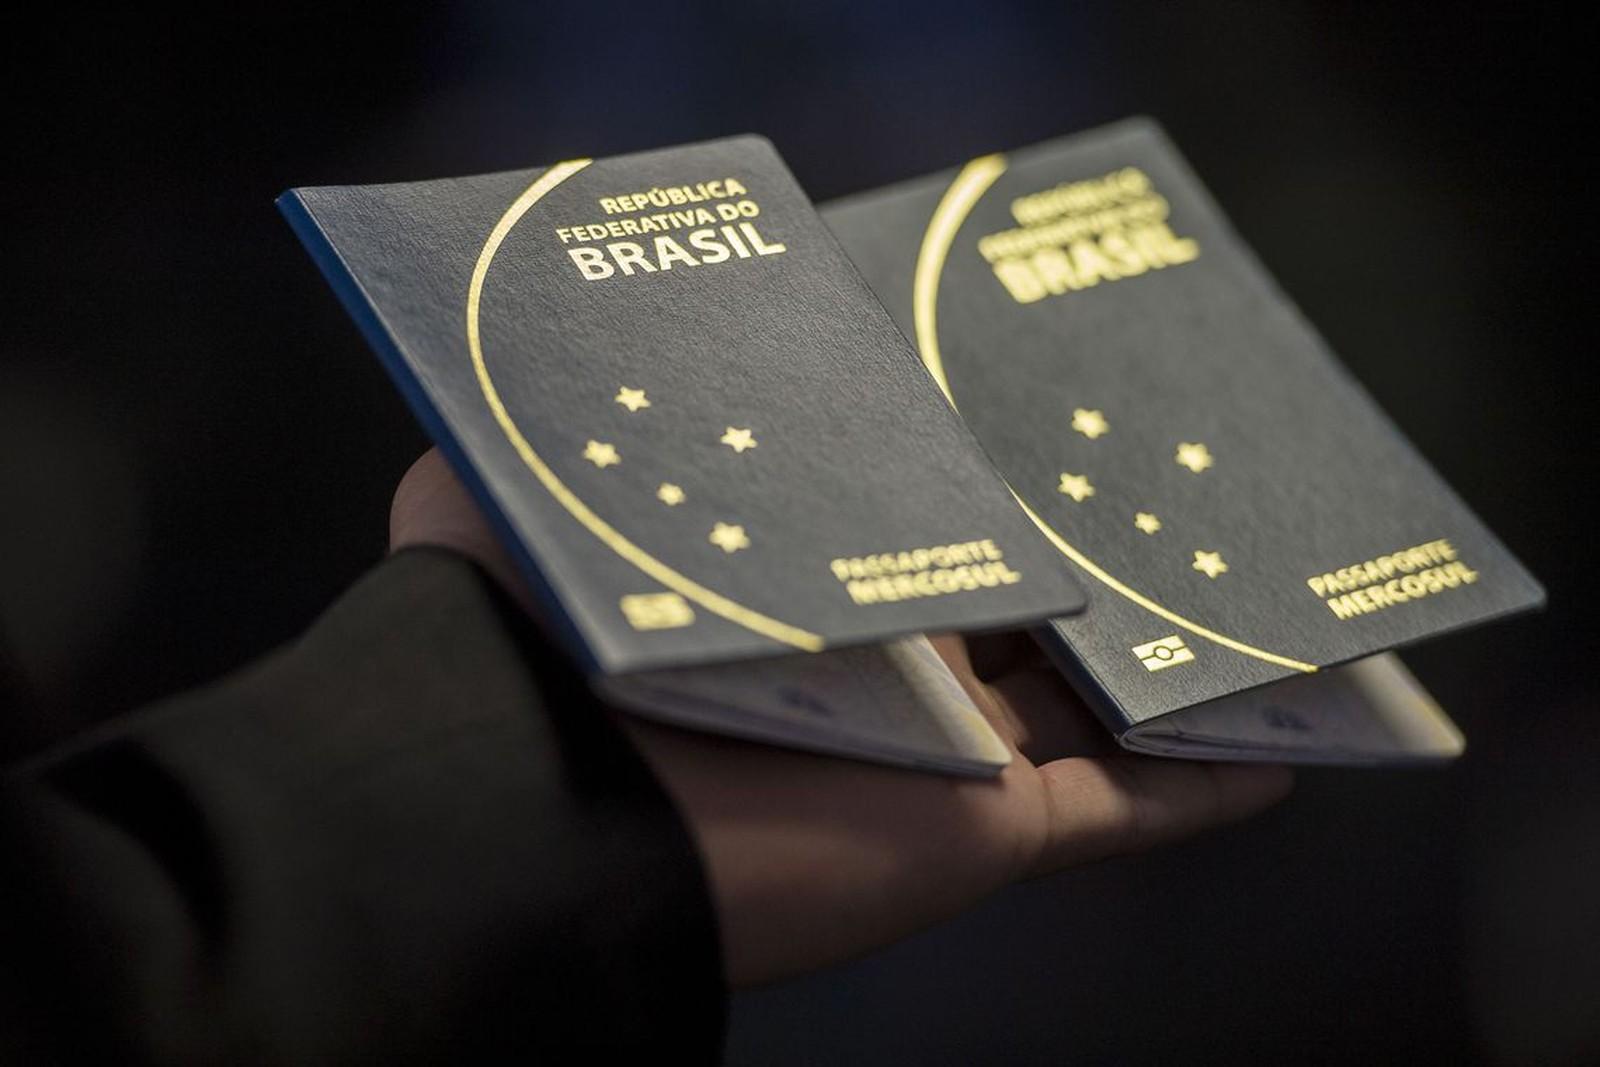 Polícia Federal suspendeu entrega de passaportes e de documentos migratórios devido ao coronavírus